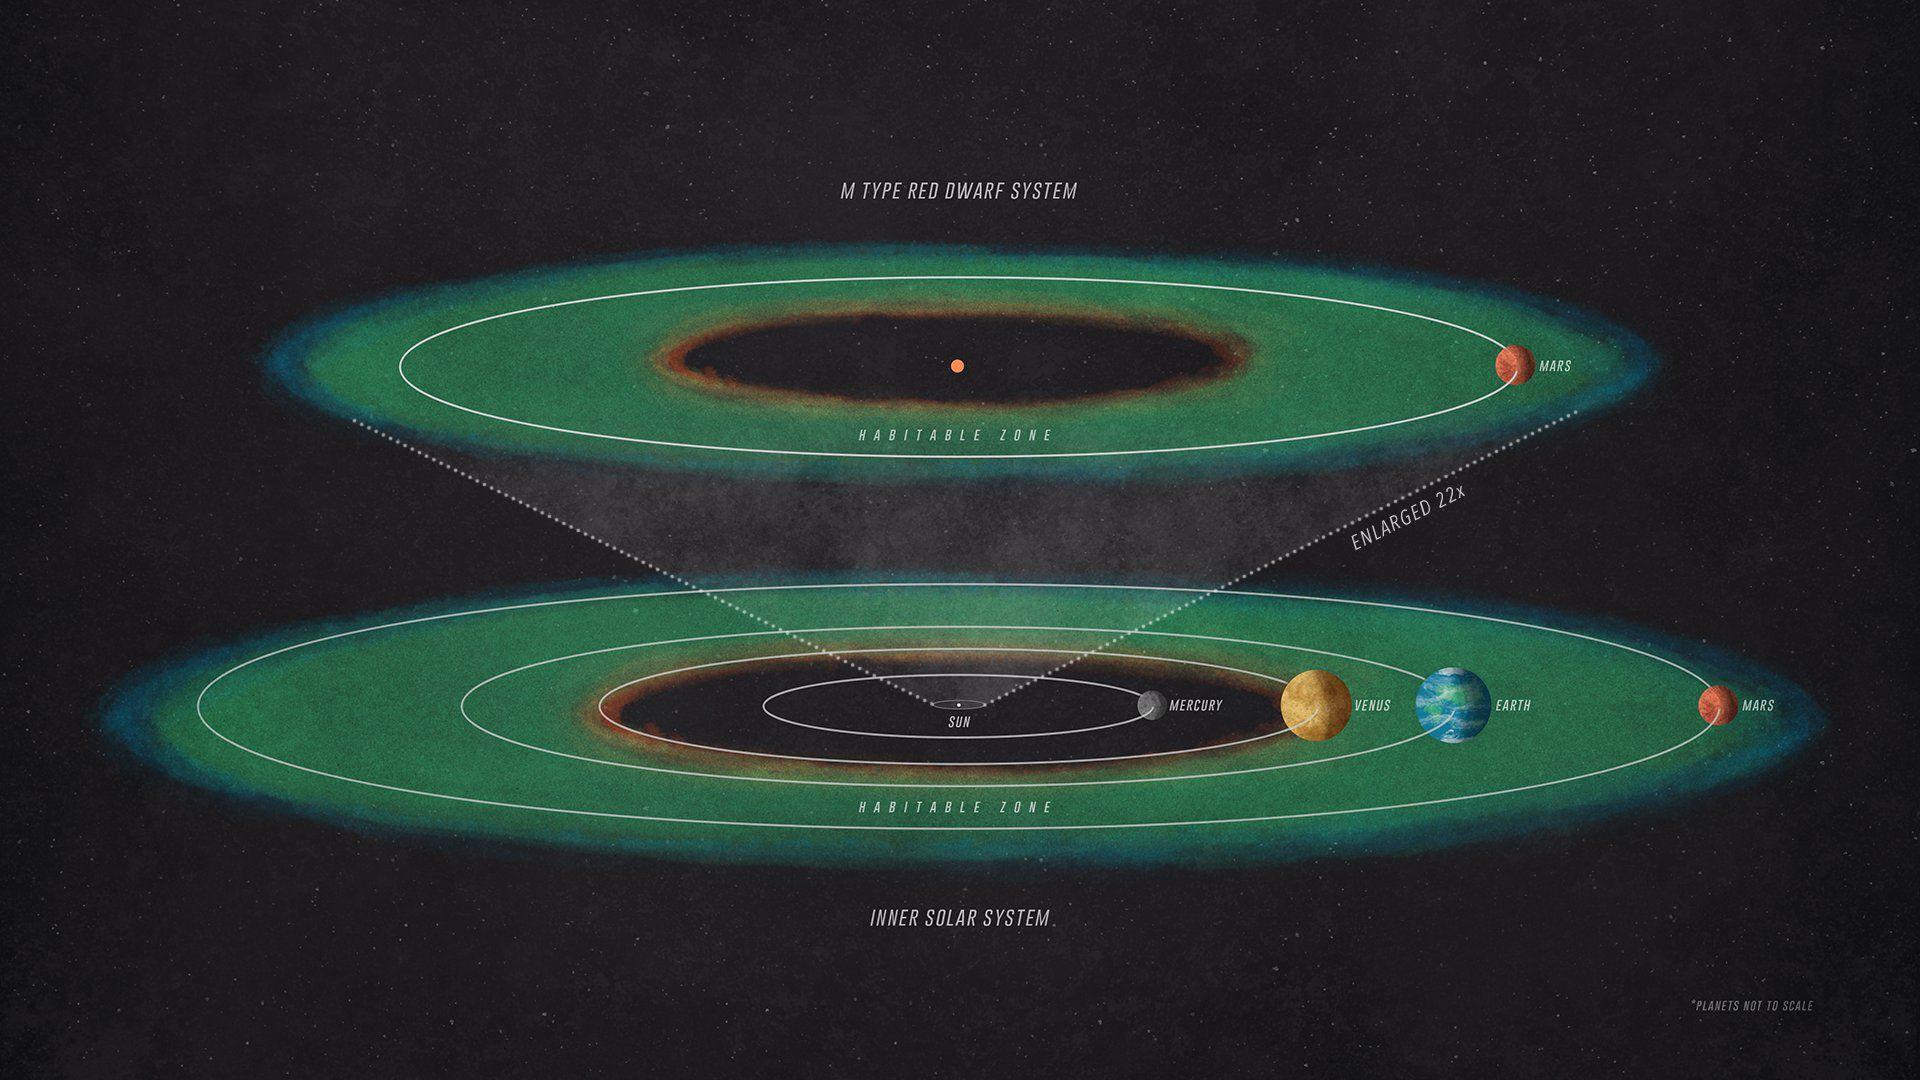 Насколько долго могла бы оставаться обитаемой планета, похожая на Марс, если бы она обращалась не вокруг Солнца, а вокруг красного карлика?